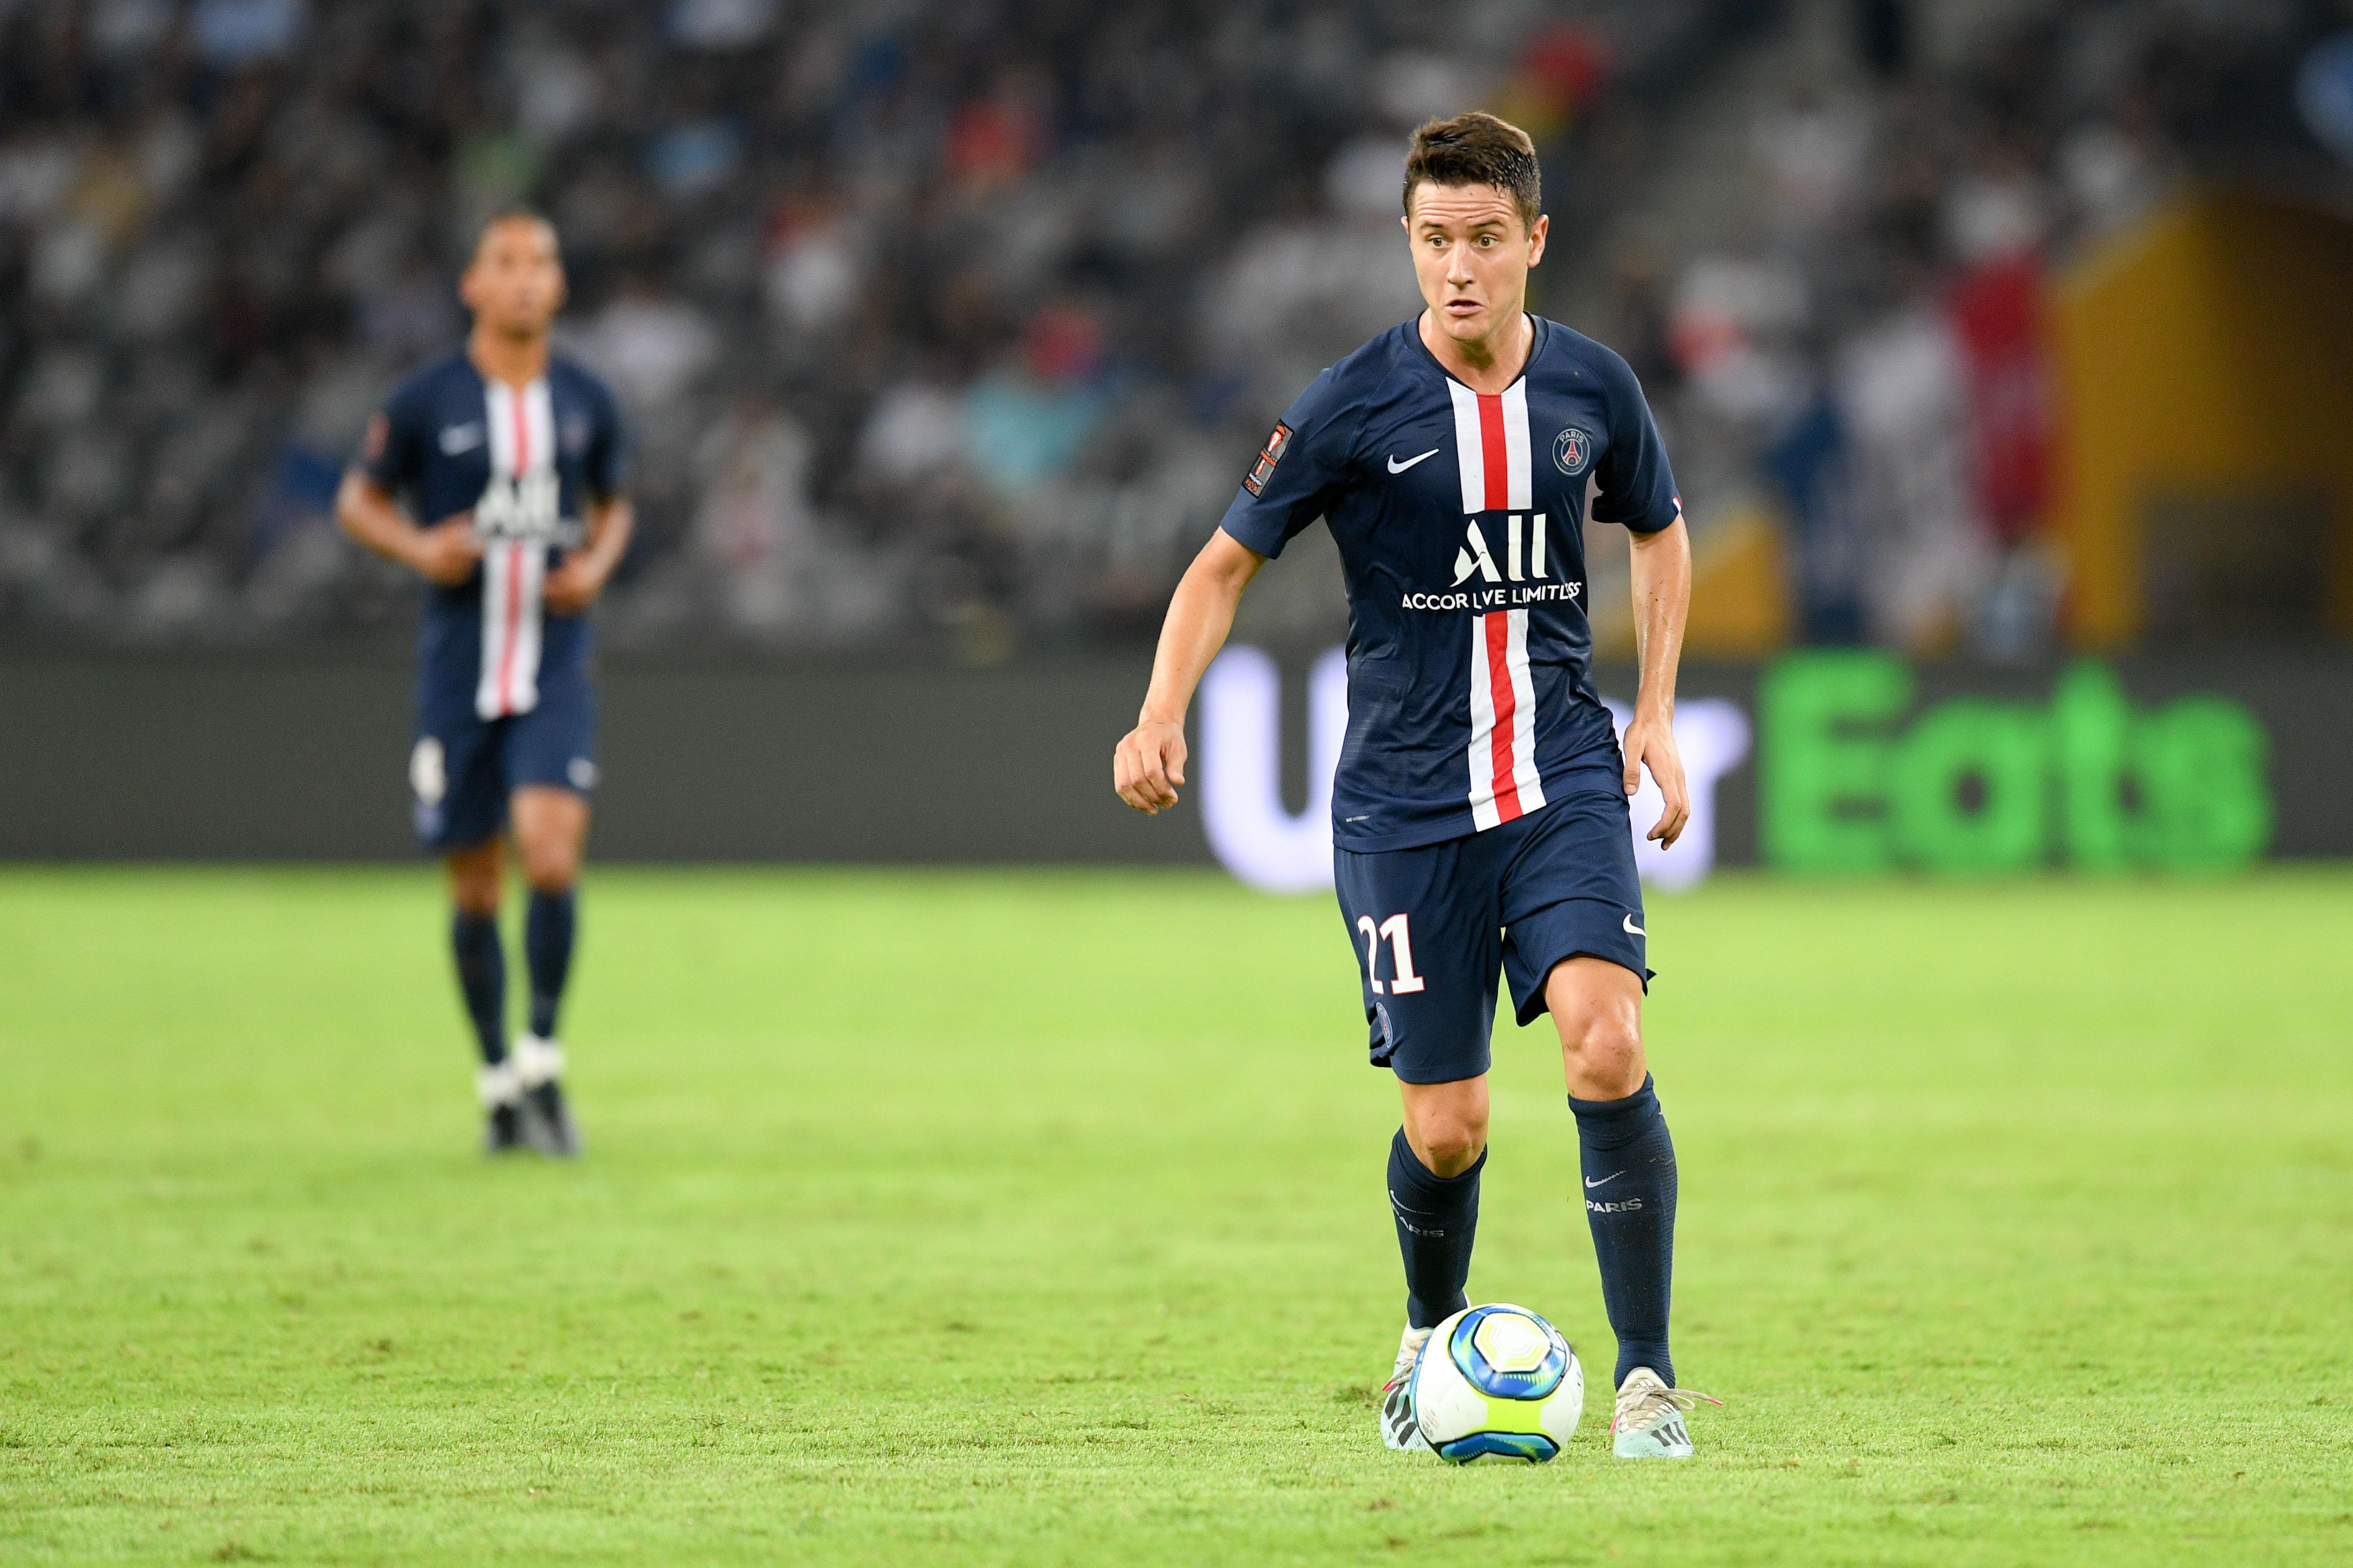 Football - Ligue 1 - PSG : Herrera à l'infirmerie et out pour trois à quatre semaines